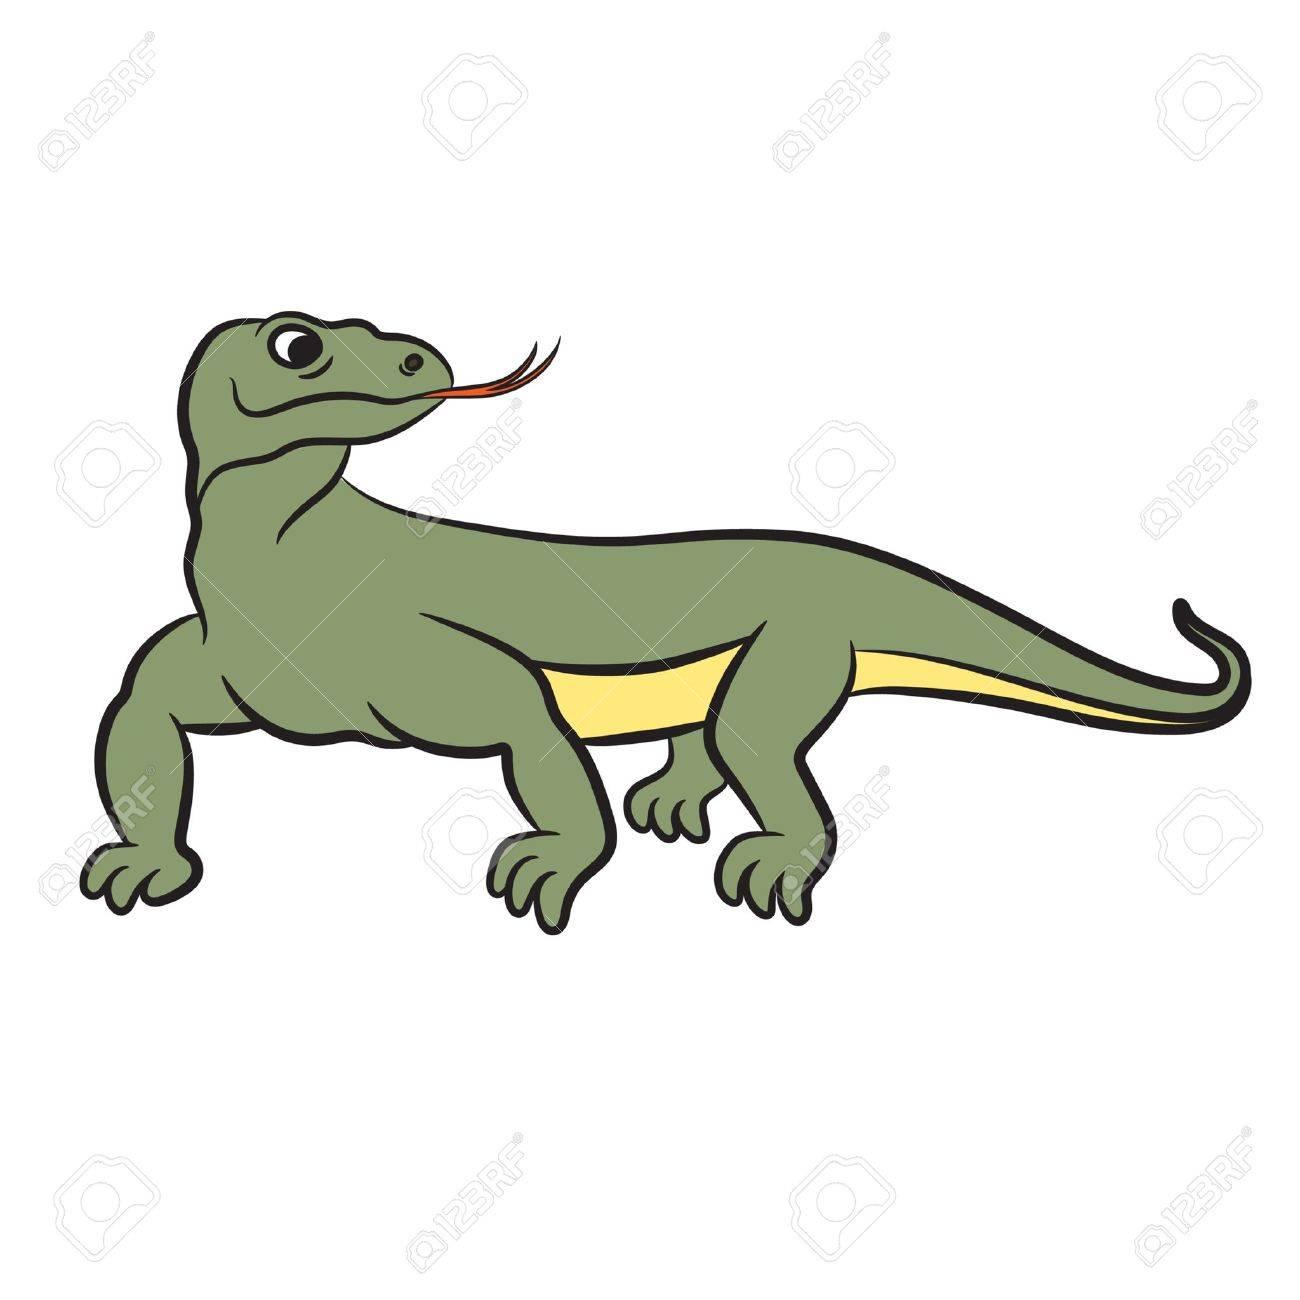 Illustration of varan (komodo dragon). Vector.